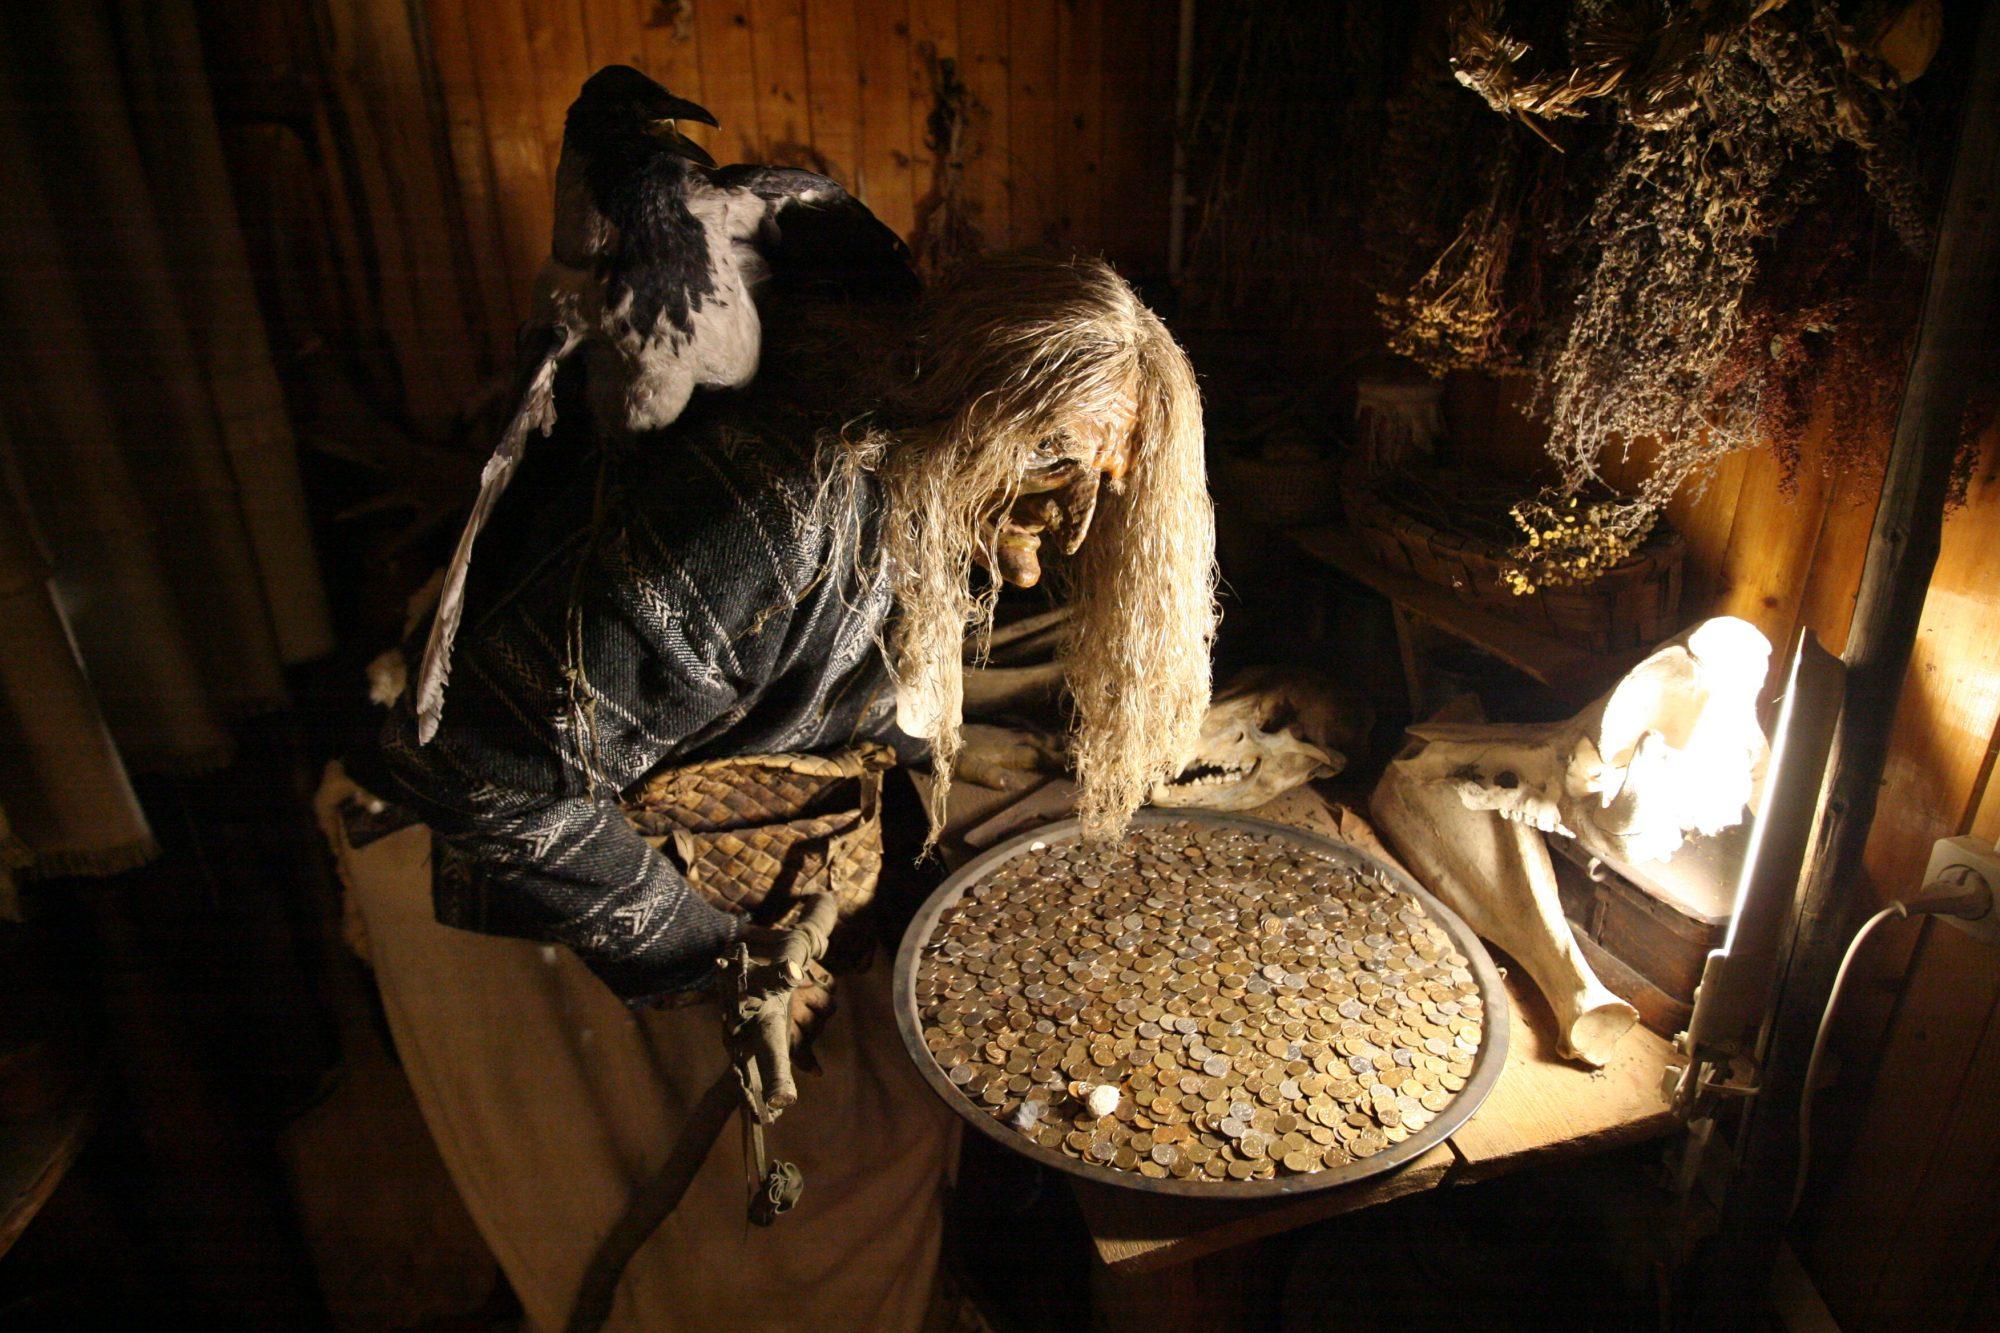 музей мифов и суеверий русского народа Углич Ярославская область ужасы ведьма баба-яга